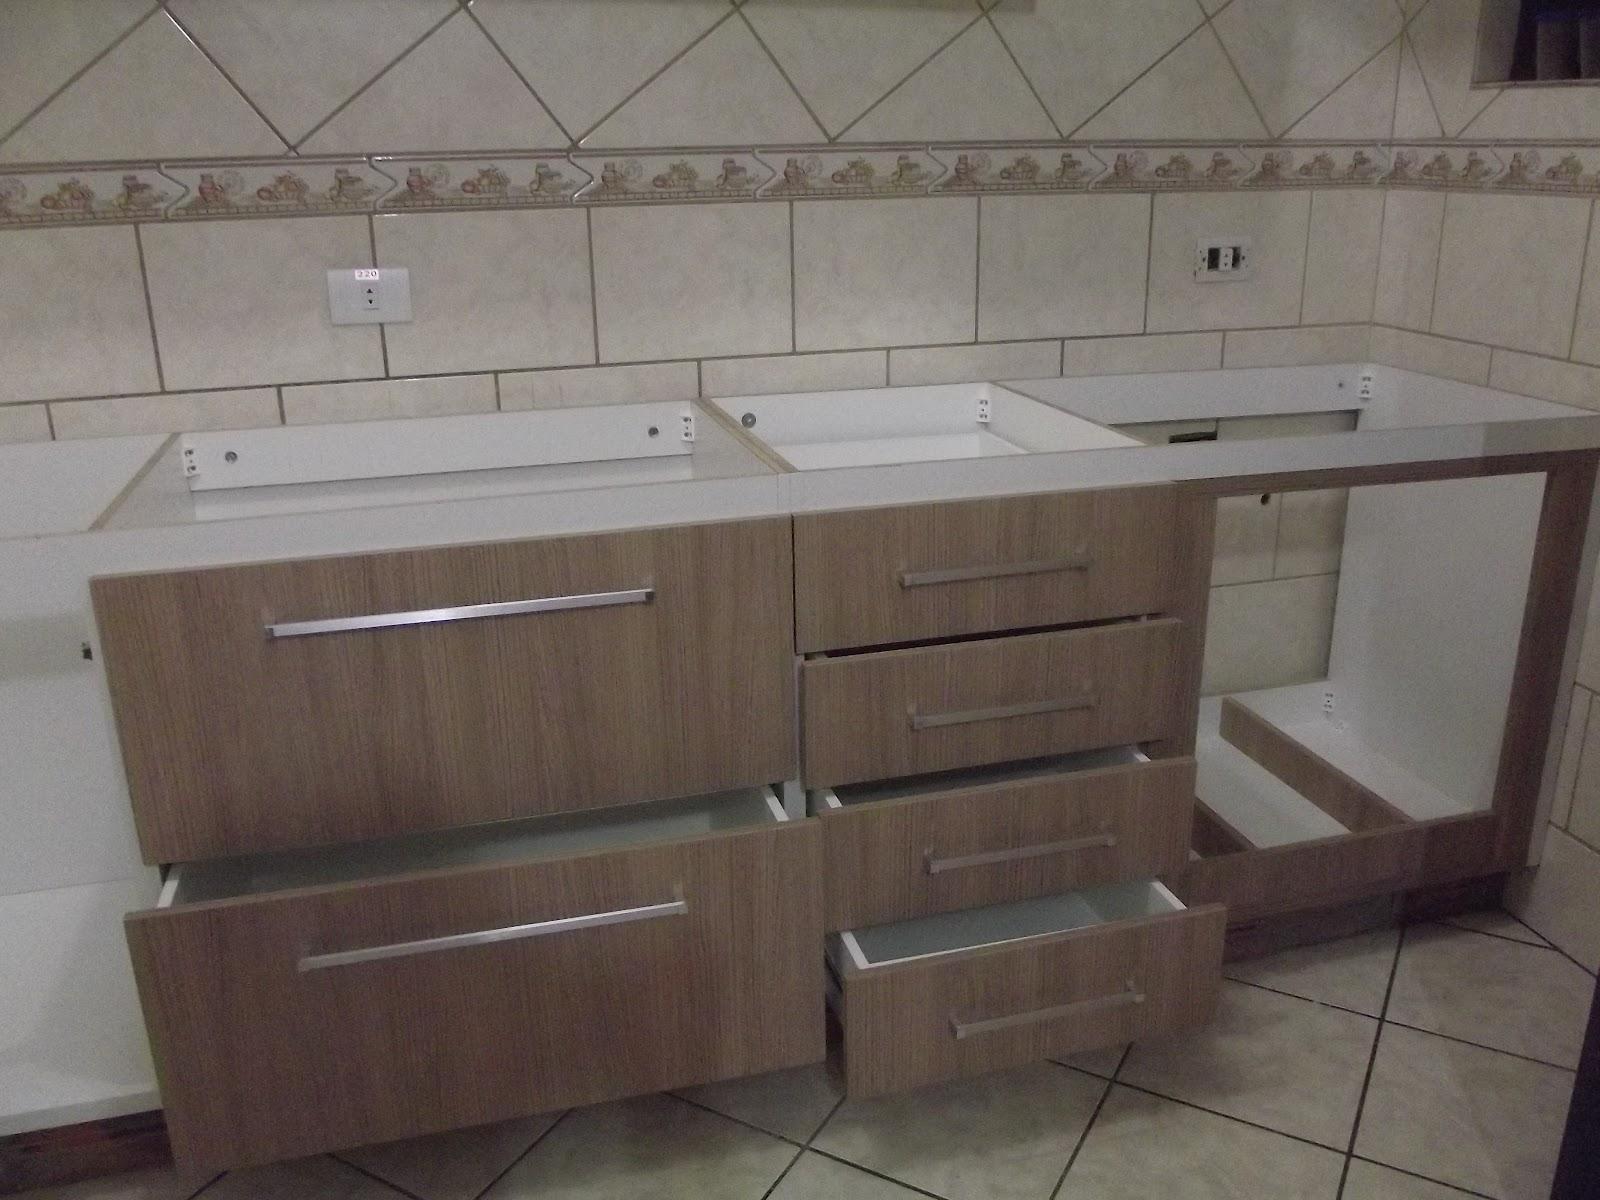 Planejados.: Armários de cozinhas planejados #5D4E44 1600 1200